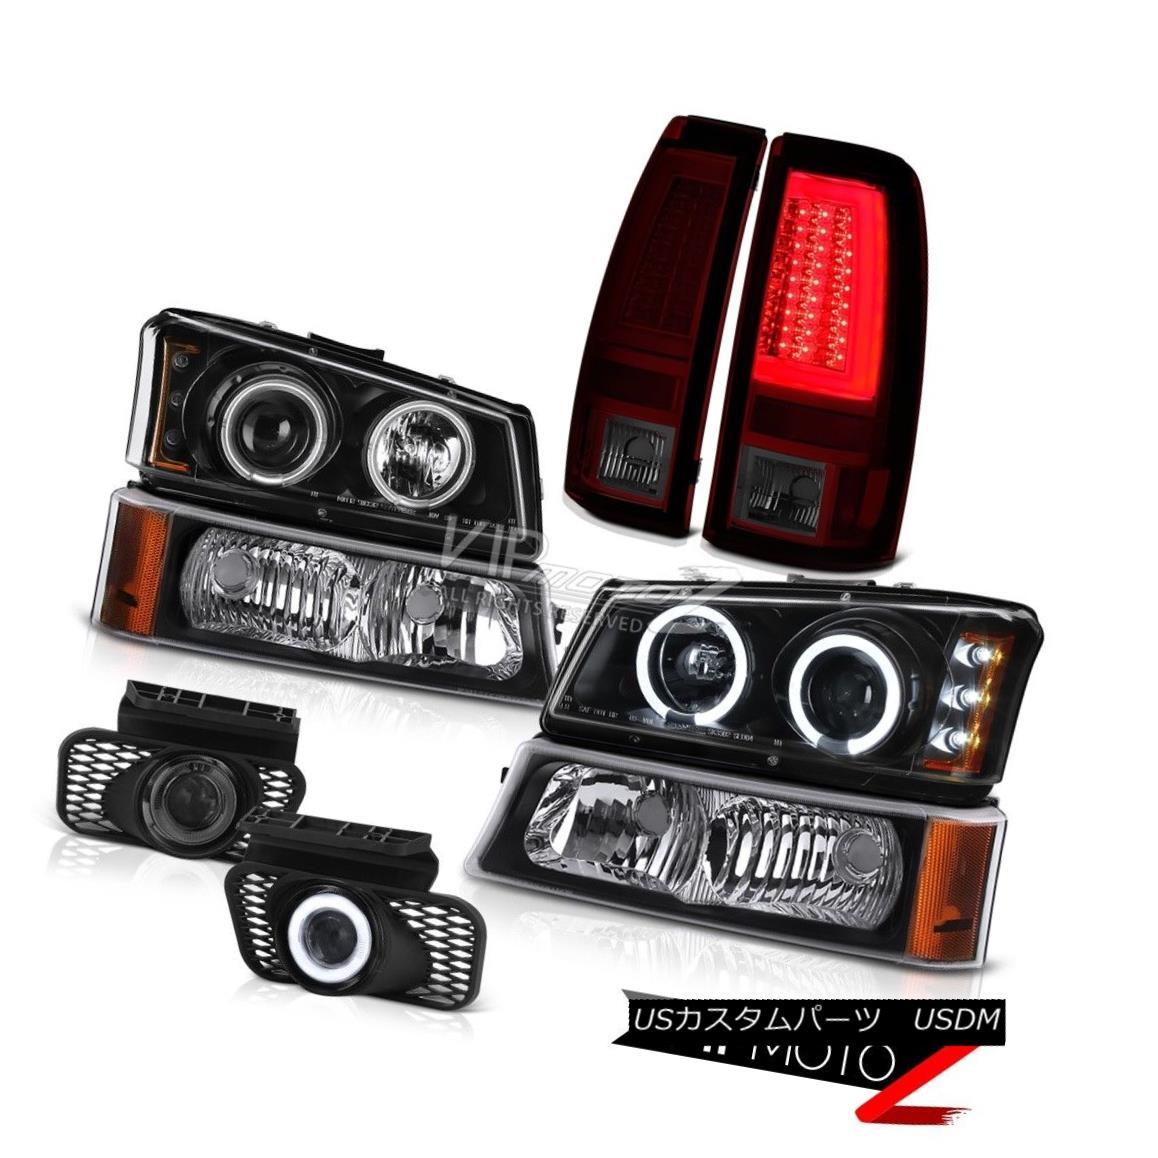 ヘッドライト 2003-2006 Silverado 3500Hd Tail Lamps Signal Light Fog Headlamps CCFL Angel Eyes 2003-2006 Silverado 3500Hdテールランプ信号光霧ヘッドランプCCFL Angel Eyes